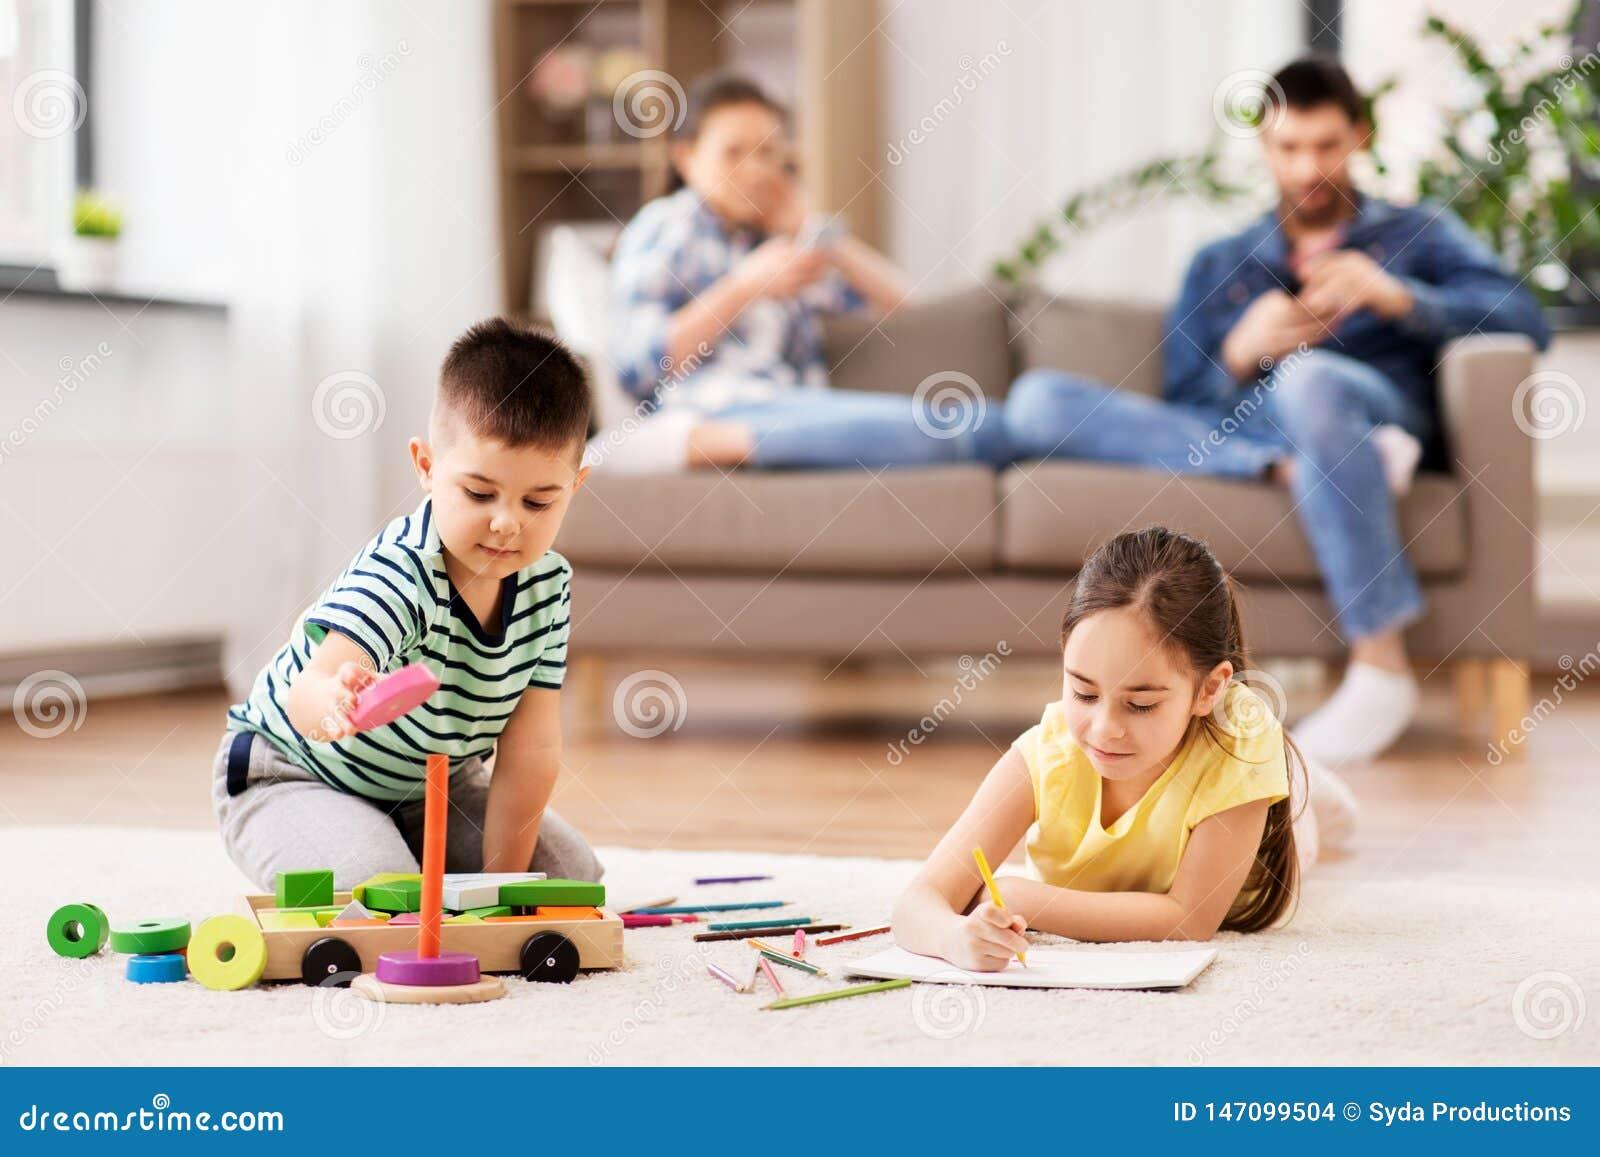 Spielen Spiel Bruder und Schwester Liebesgeschichte